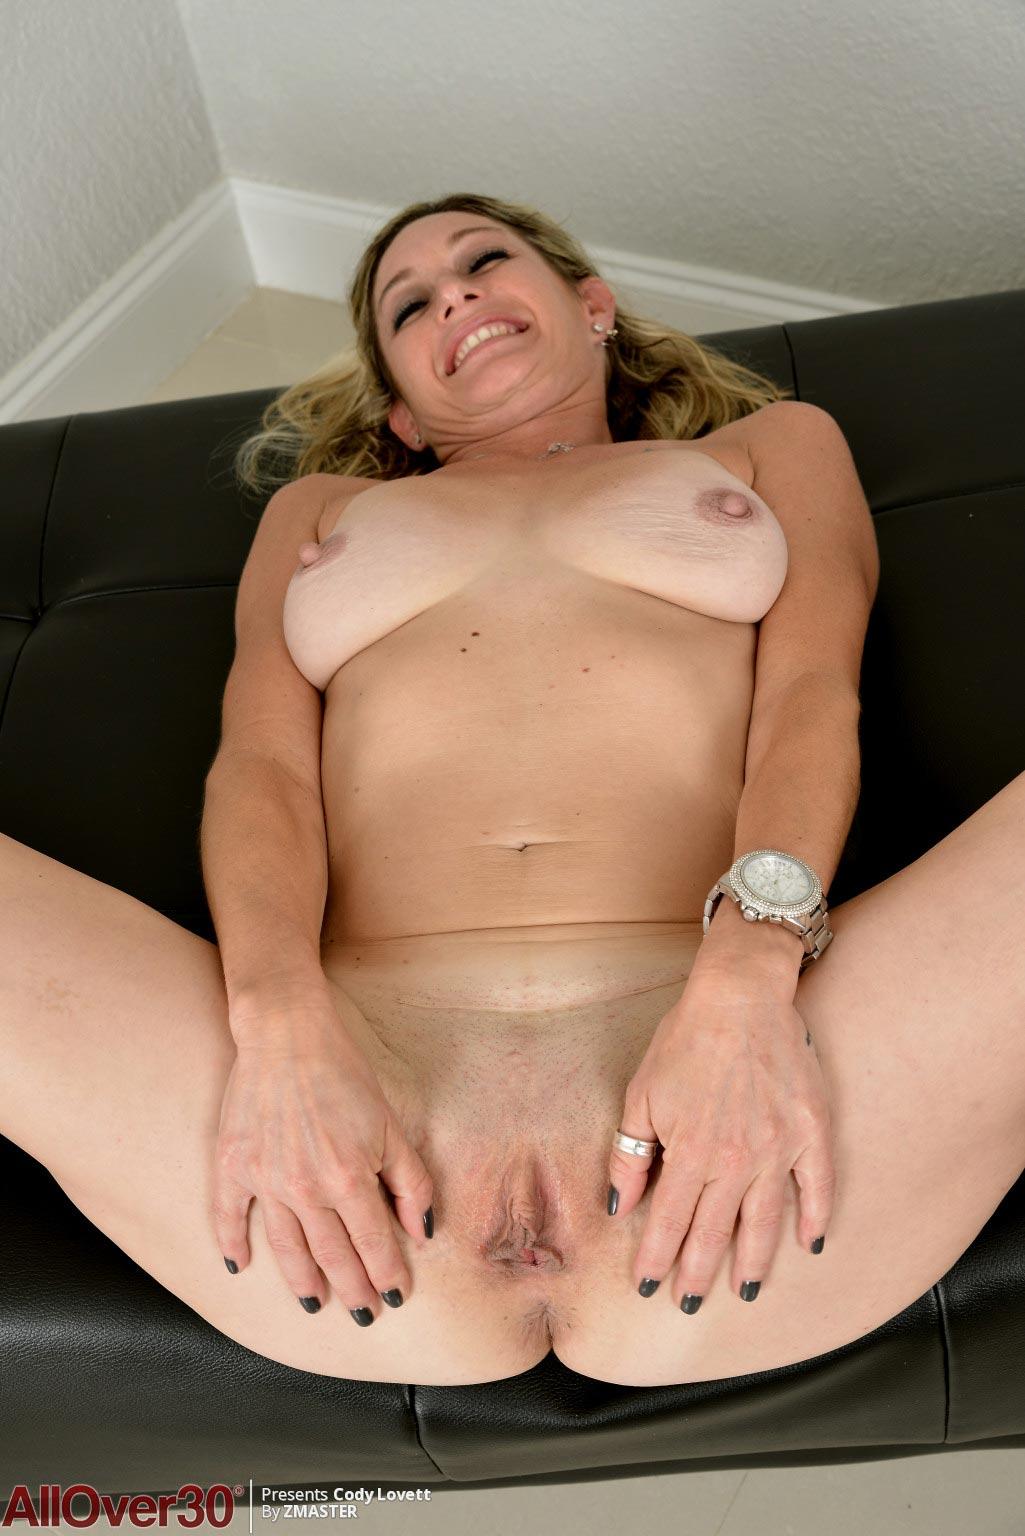 Cody Lovett Milf Takes off her Lingerie